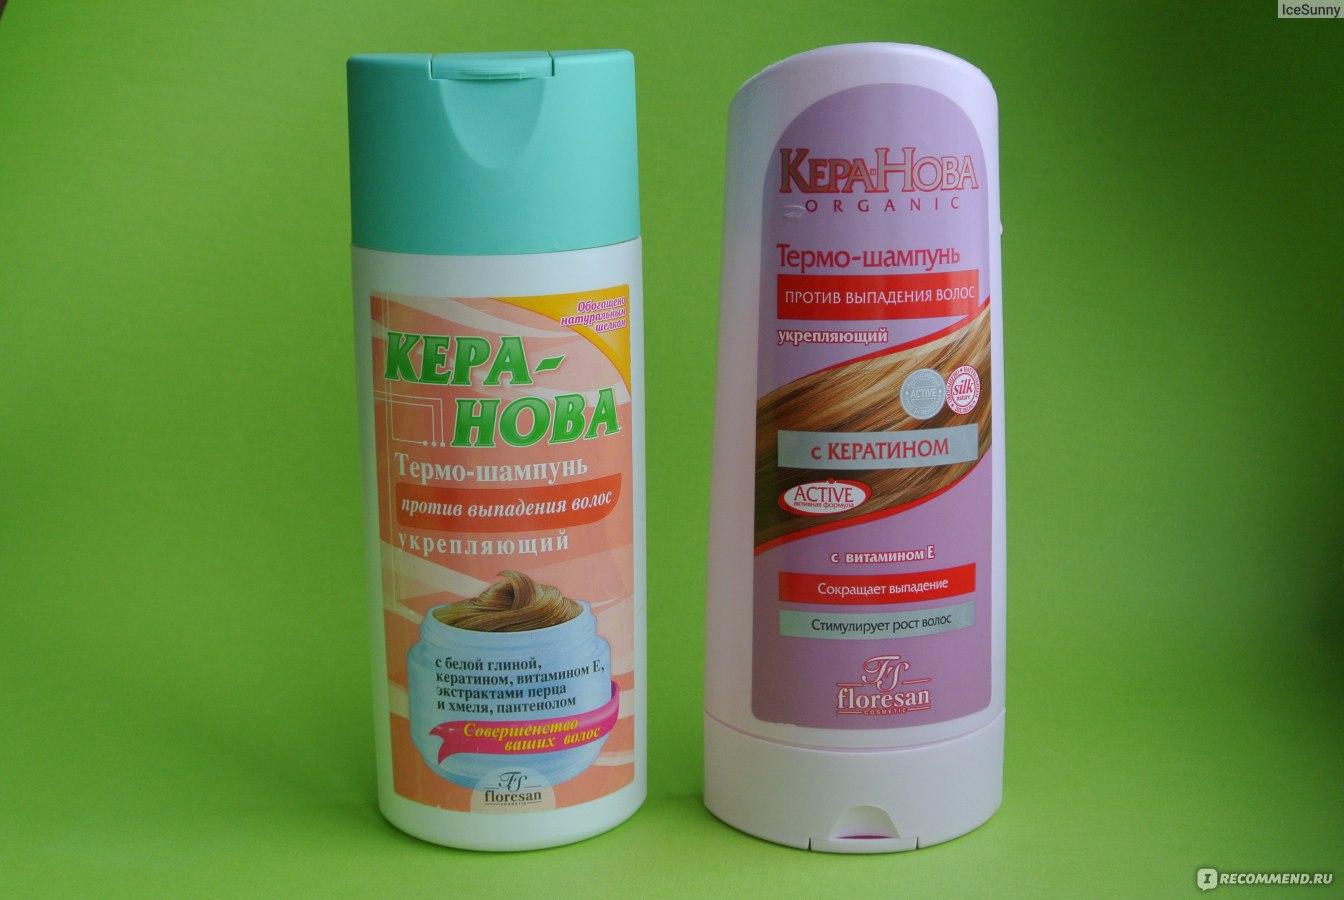 Шампунь кера-нова против выпадения волос